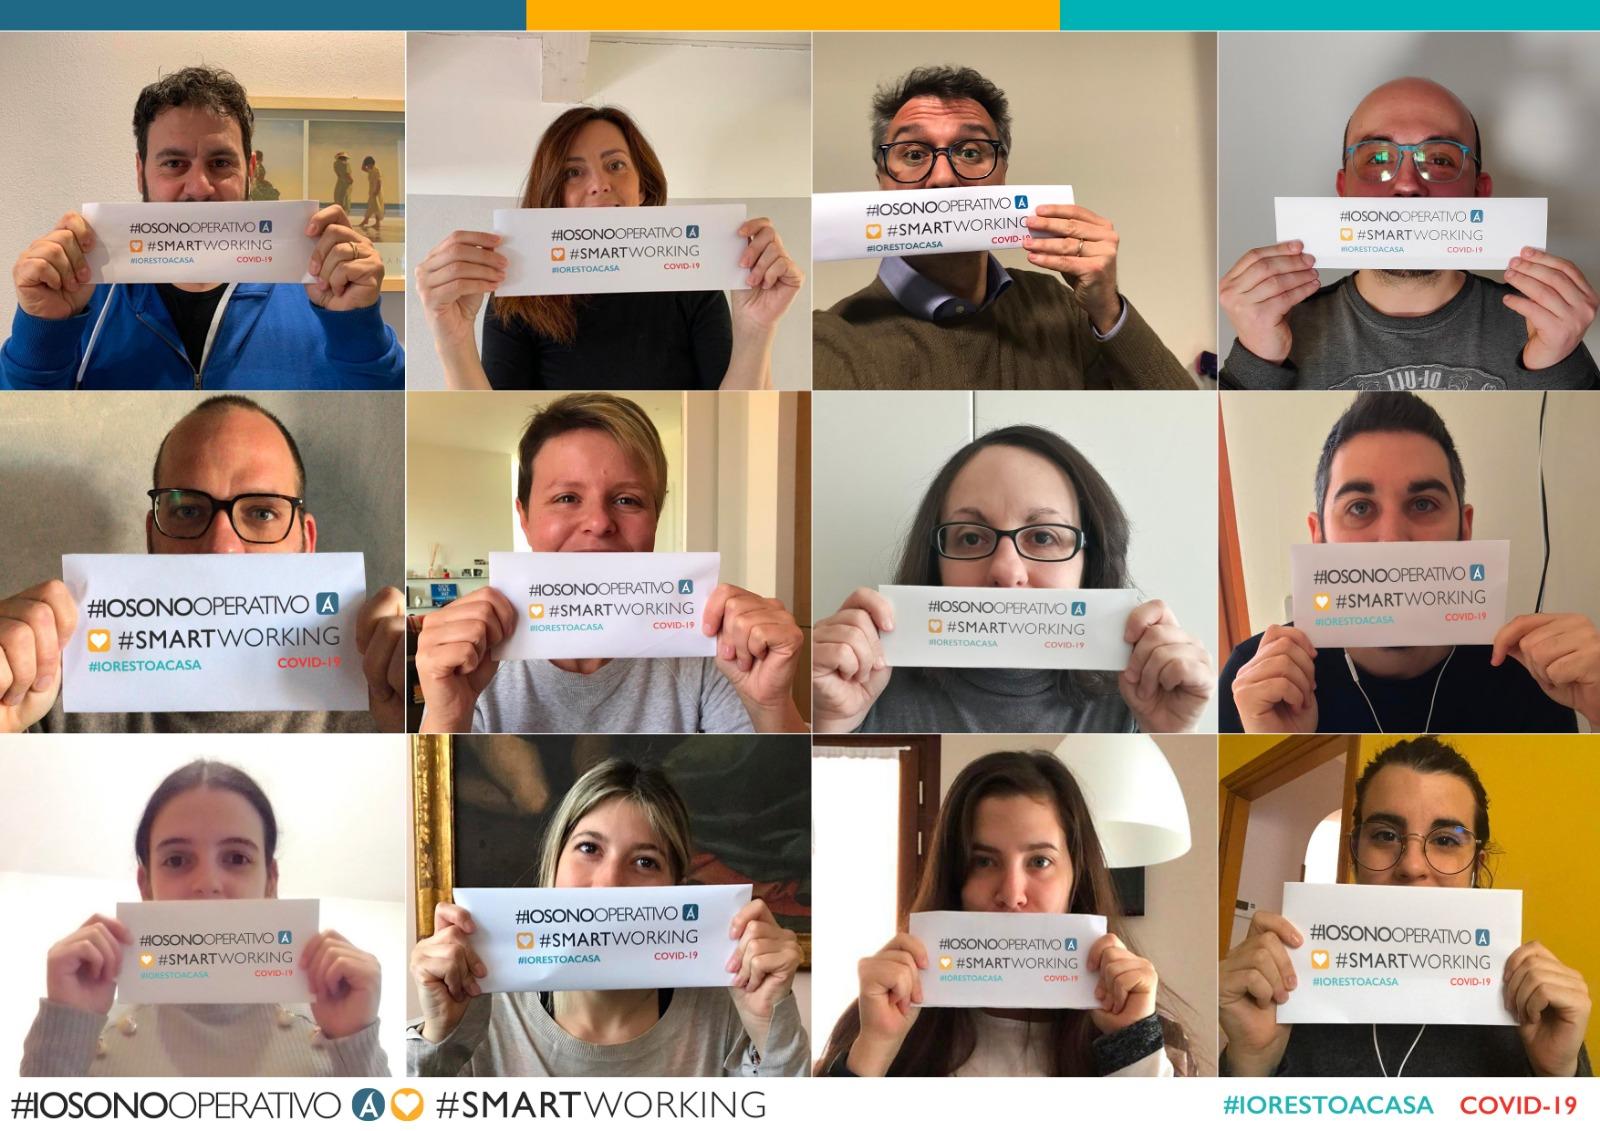 Emergenza Covid-19: il Team Adabra non si ferma e adotta lo #smartworking